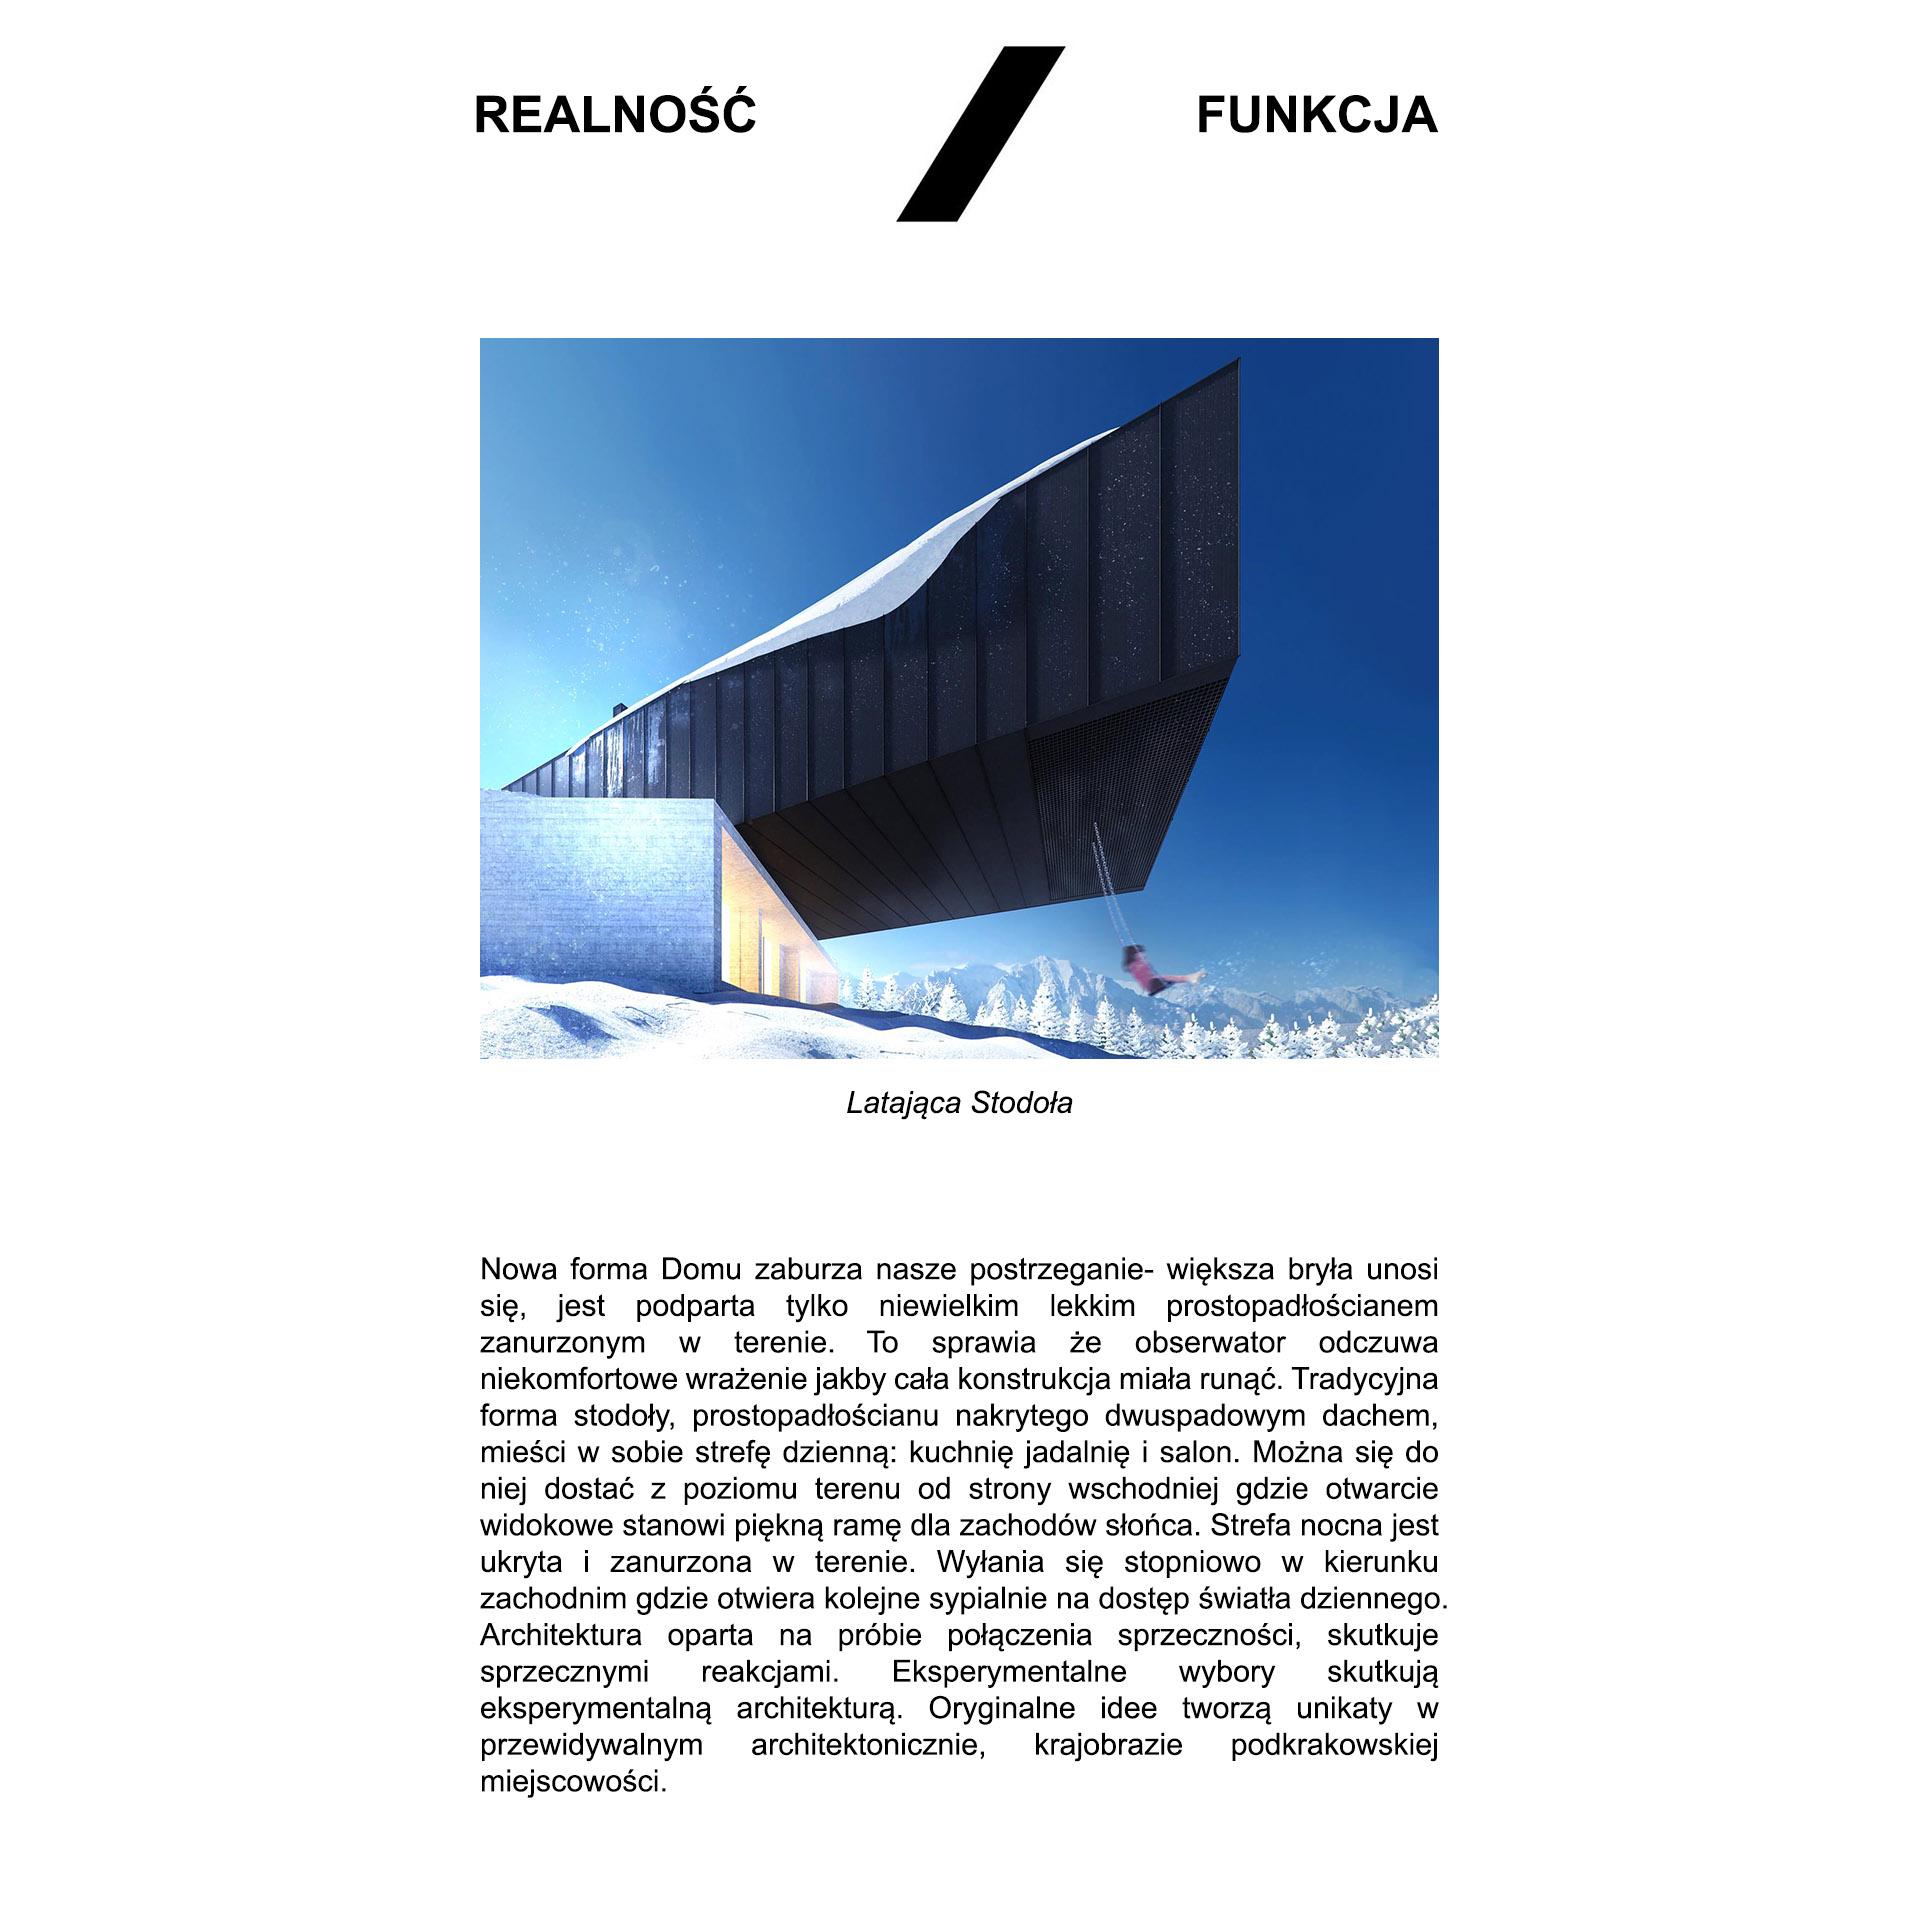 Latająca stodoła - opis realność/funkcja